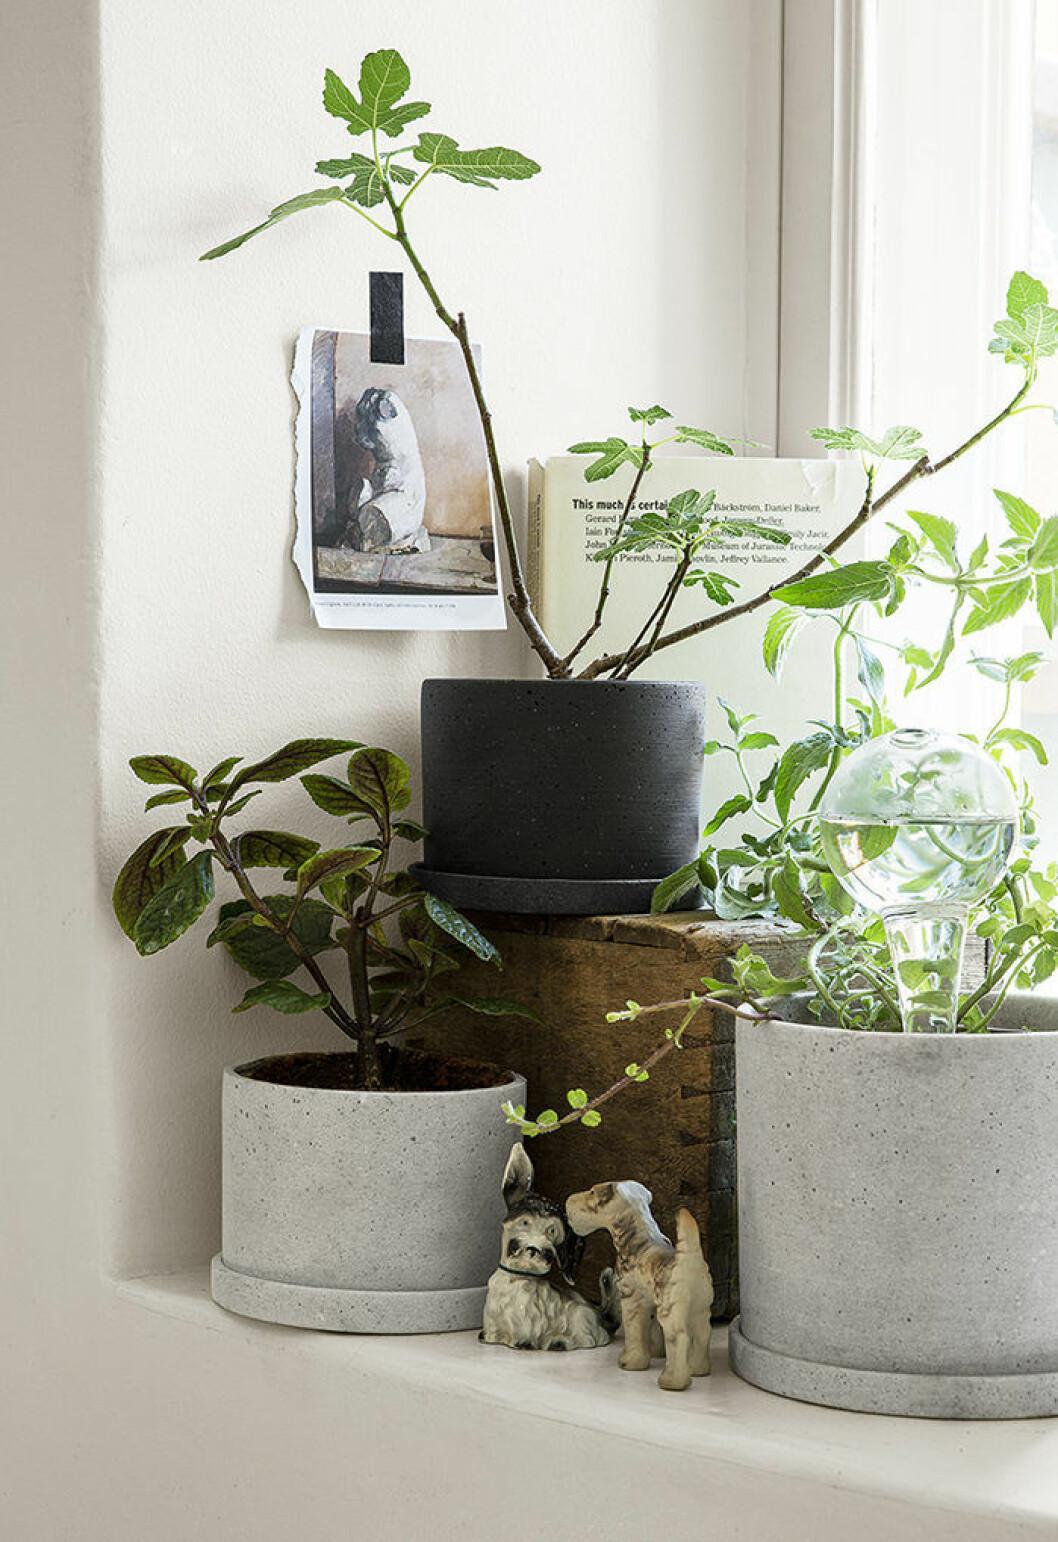 placera grönväxterna på fönsterbrädan